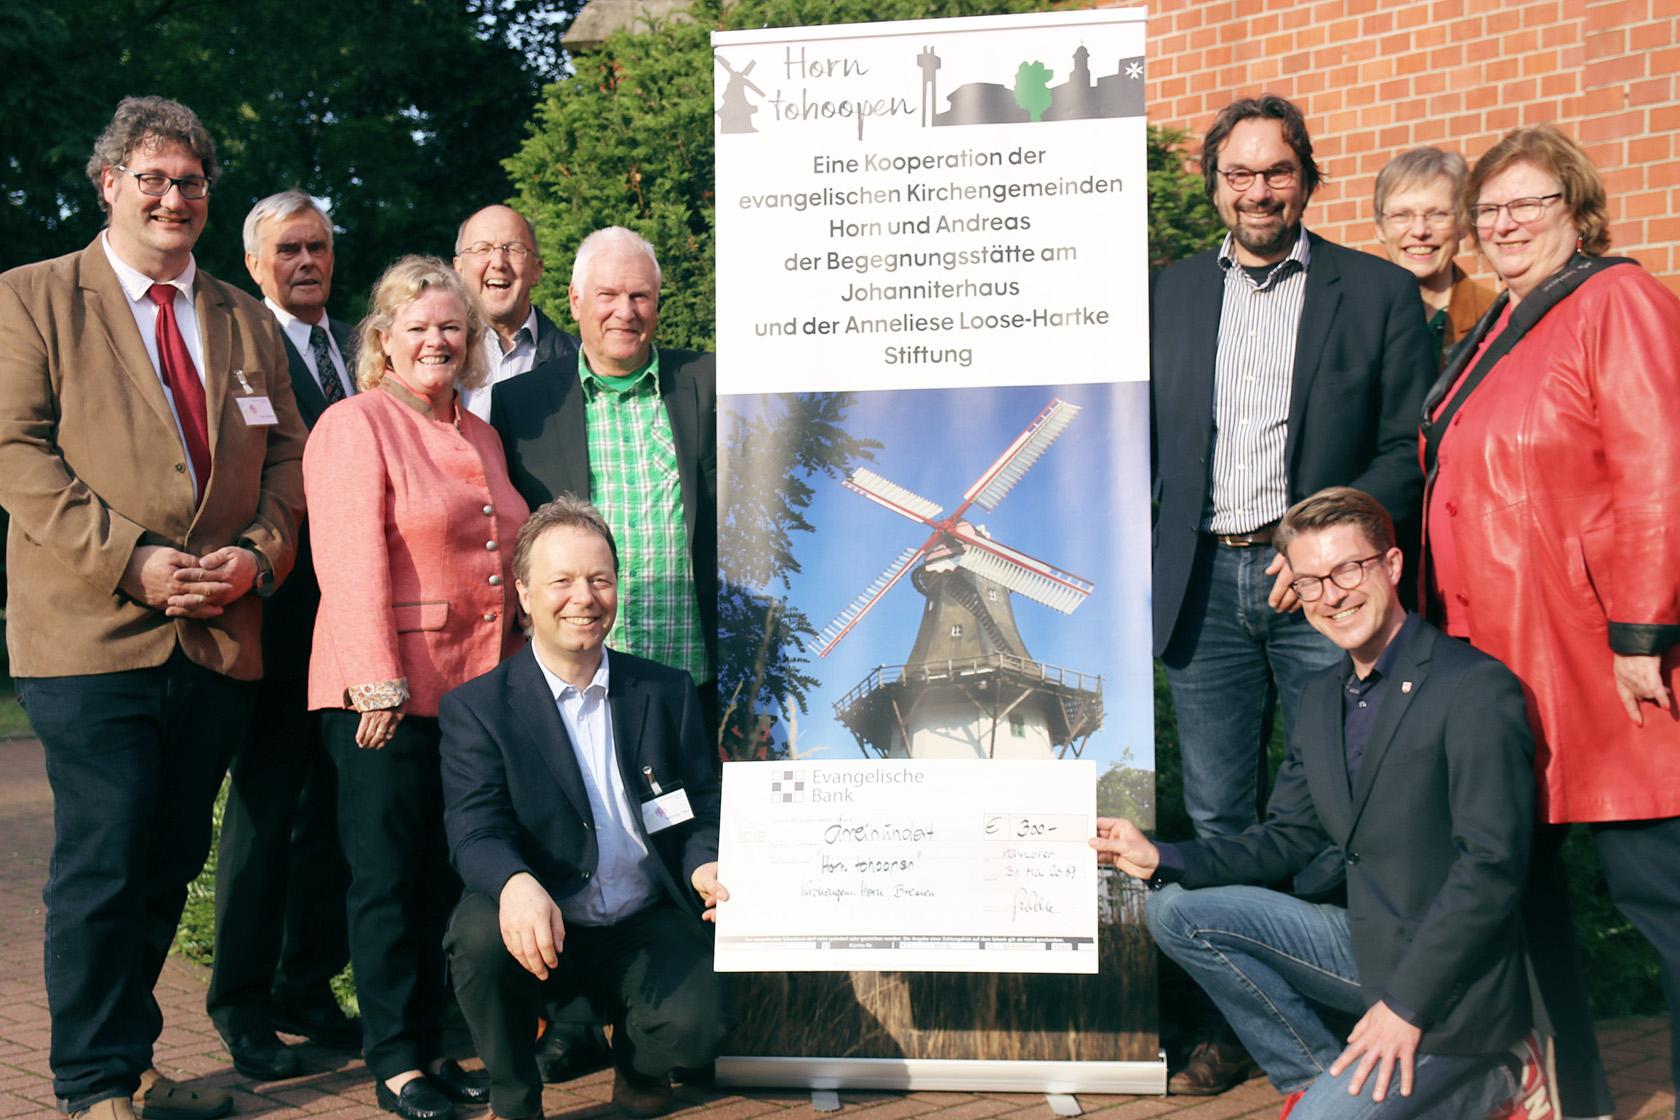 Menschen stehen und knieen um eine Roolup mit der Aufschrift Horn tohoopen und dem Foto einer Windmühle.